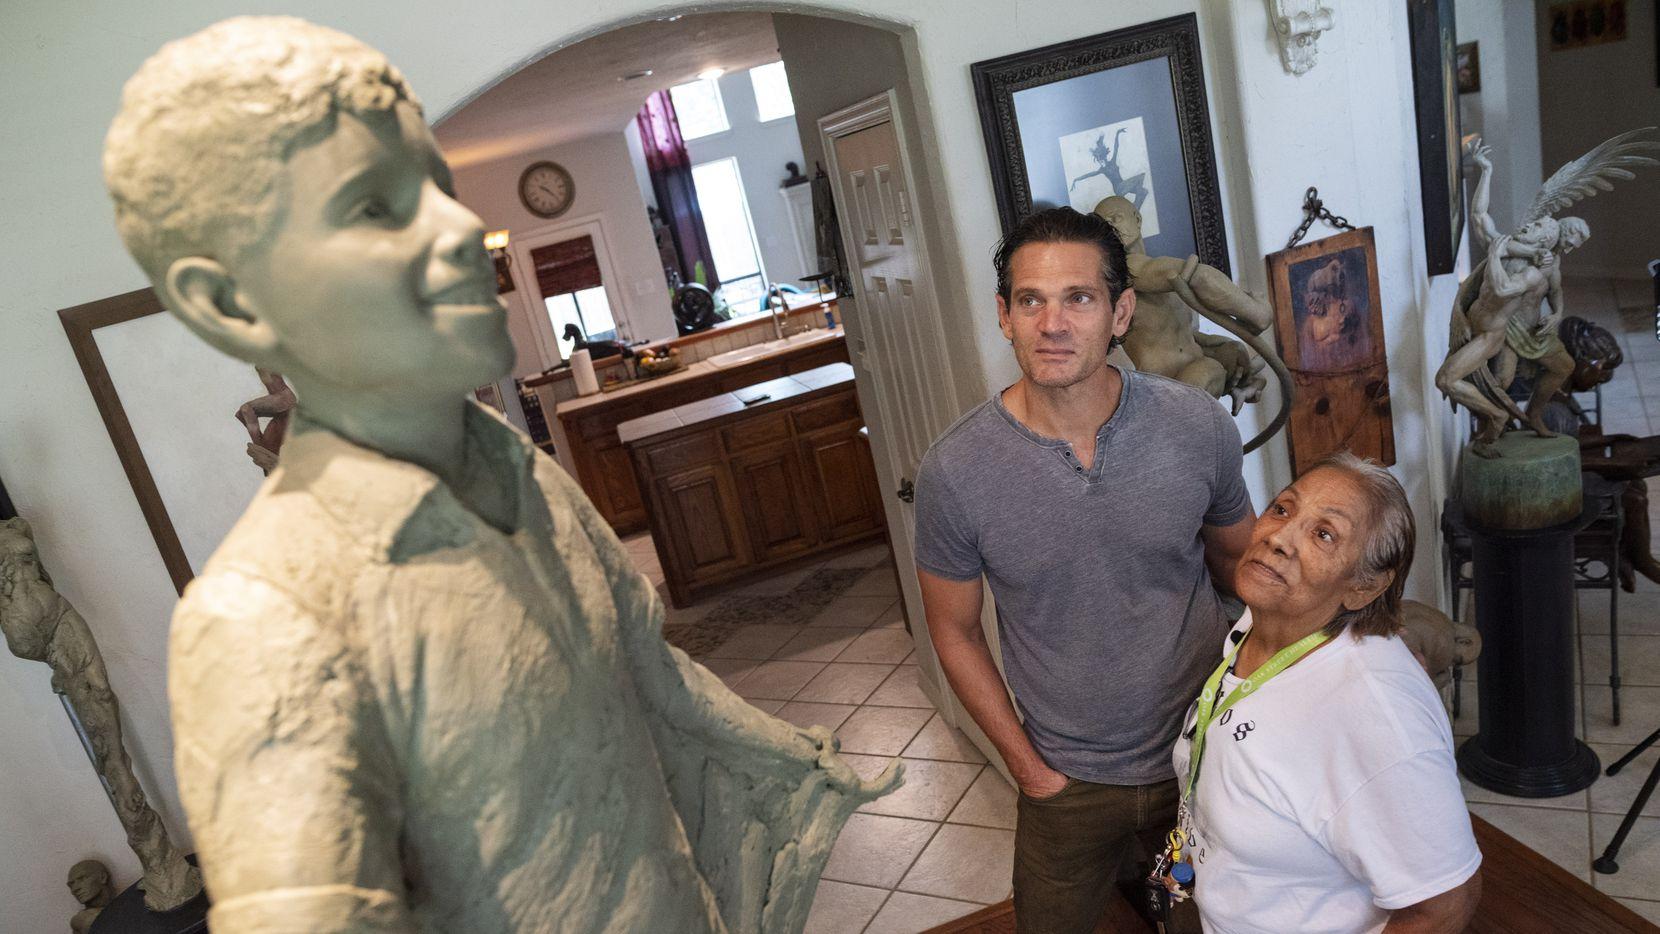 Bessie Rodríguez, de 77 años, pudo ver la estatua en honor a su hijo Santos esta semana por primera vez. Le fue develada por el escultor Seth Vandable en su domicilio de Cedar Hill.